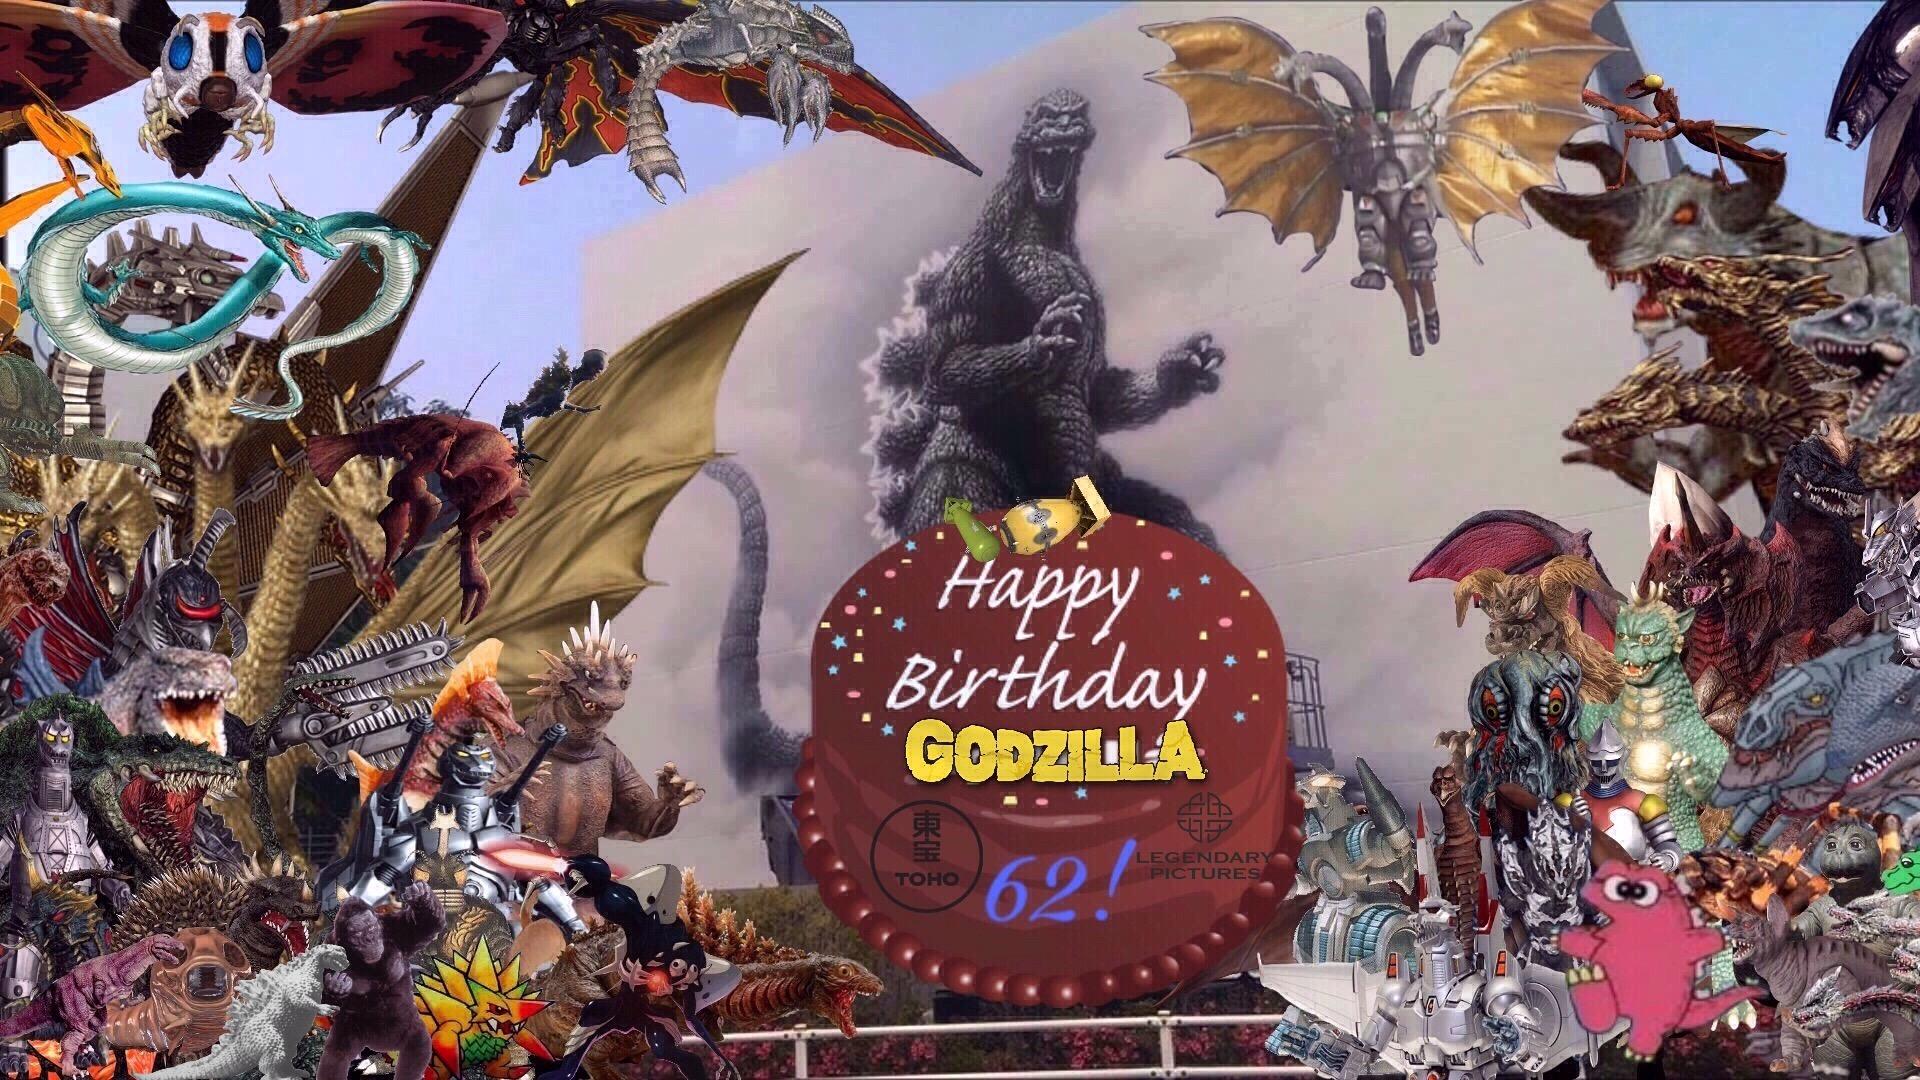 Godzillas 62nd Birthday 1 Godzilla Know Your Meme